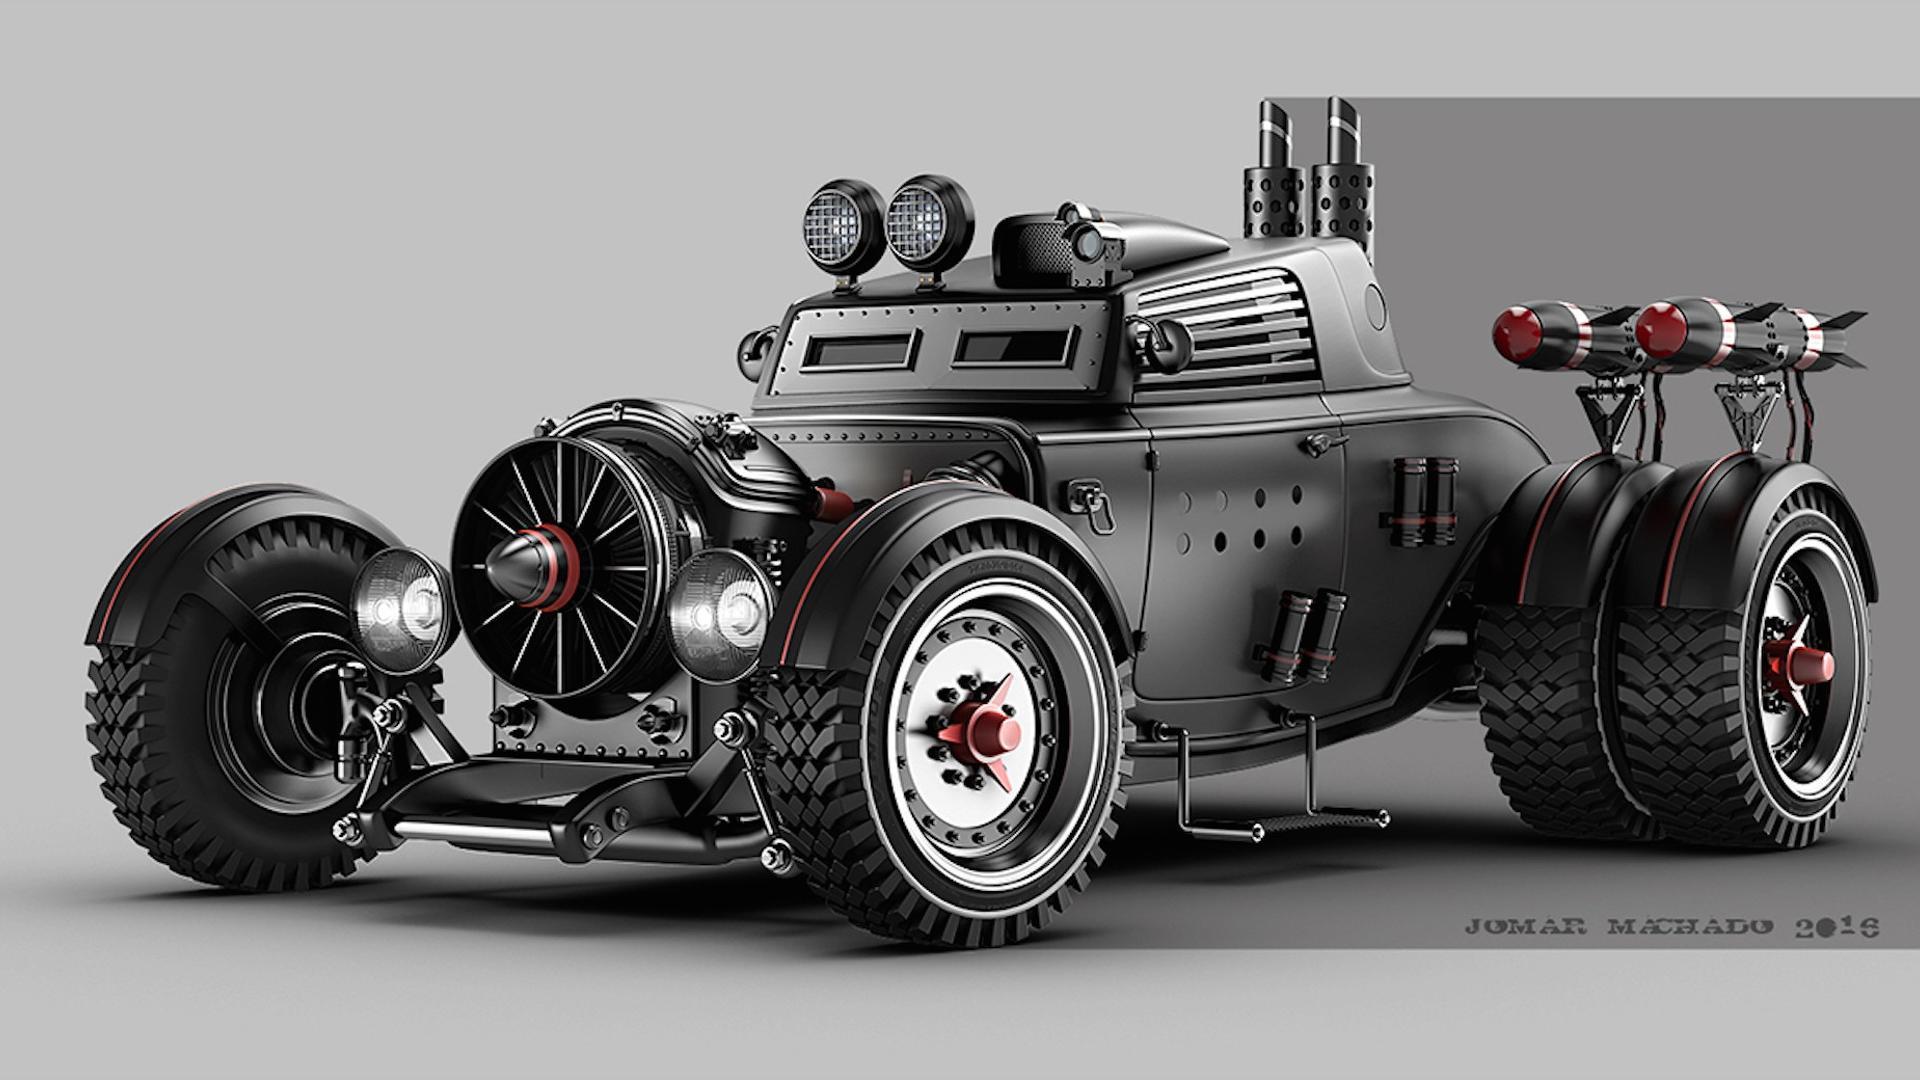 superautomobil budućnosti